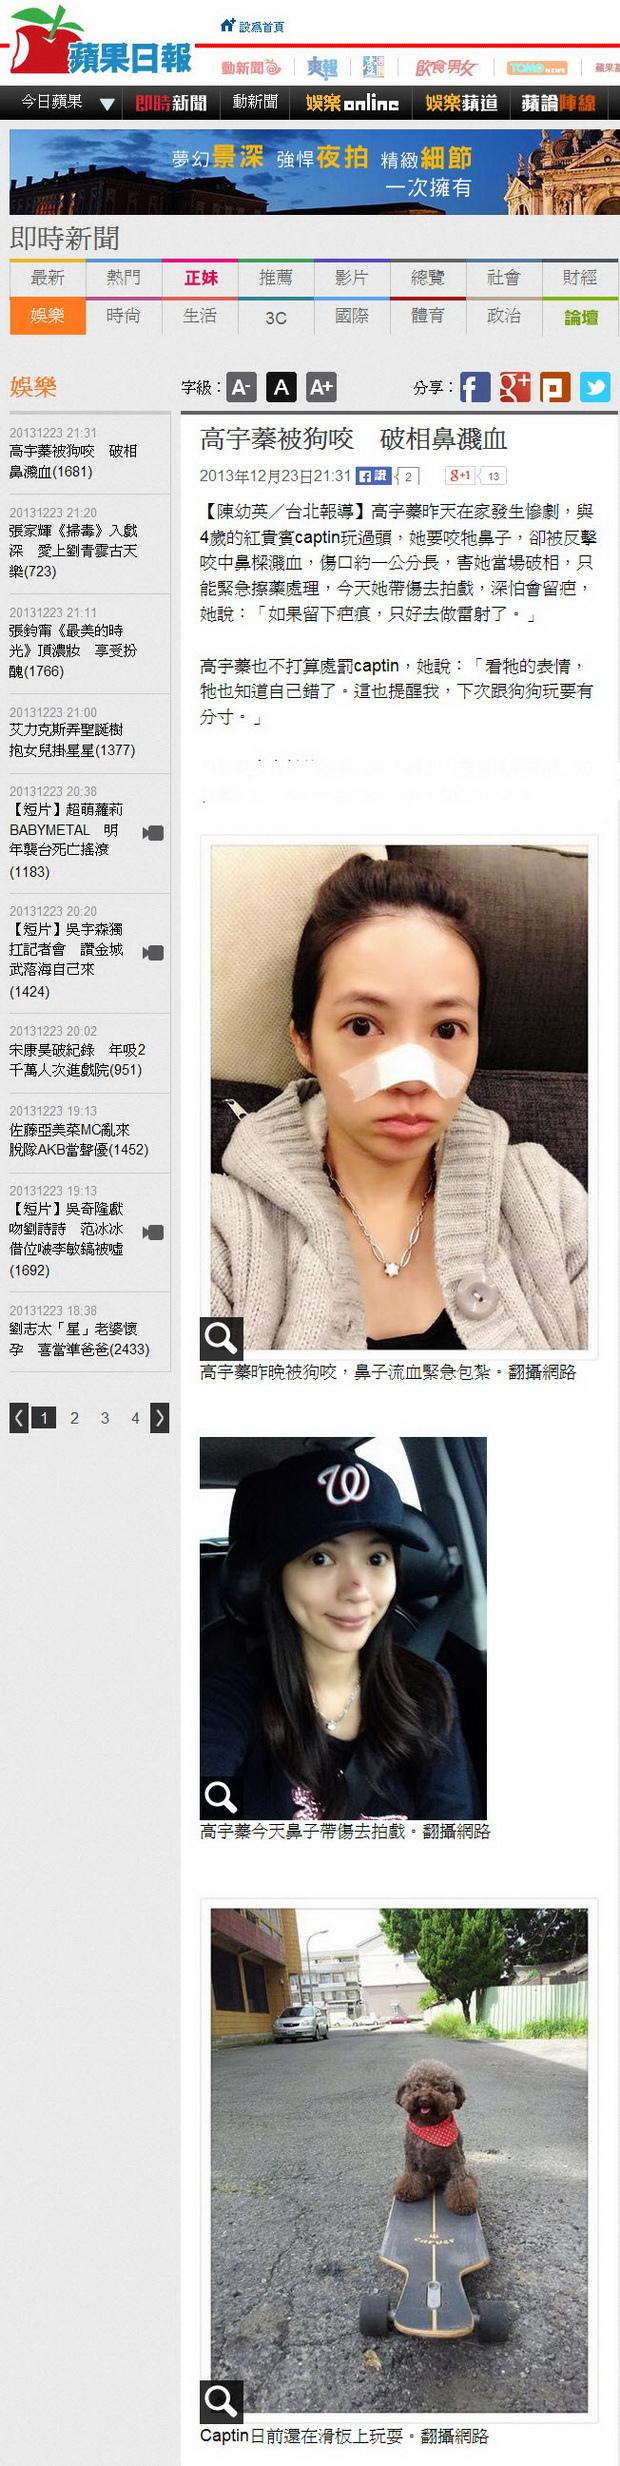 高宇蓁被狗咬 破相鼻濺血-2013.12.23.jpg